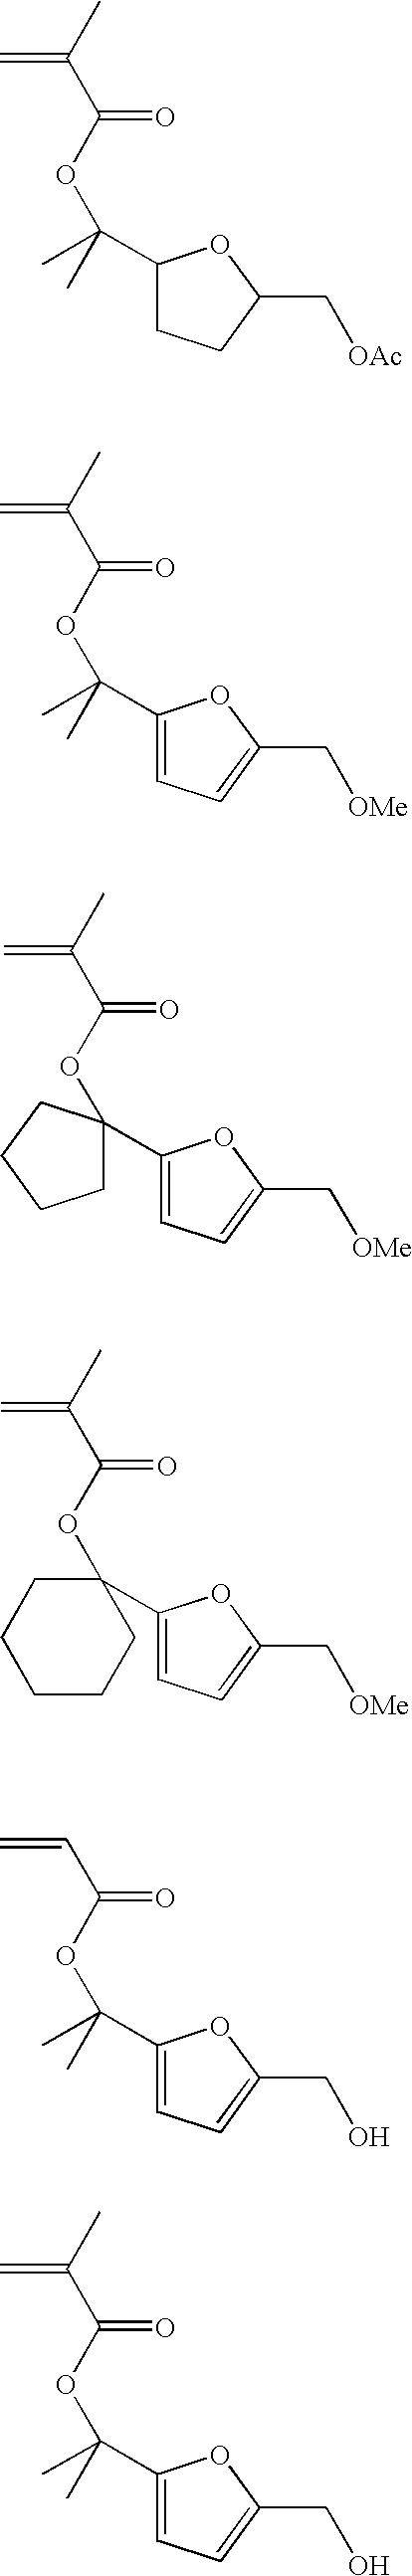 Figure US08129086-20120306-C00060